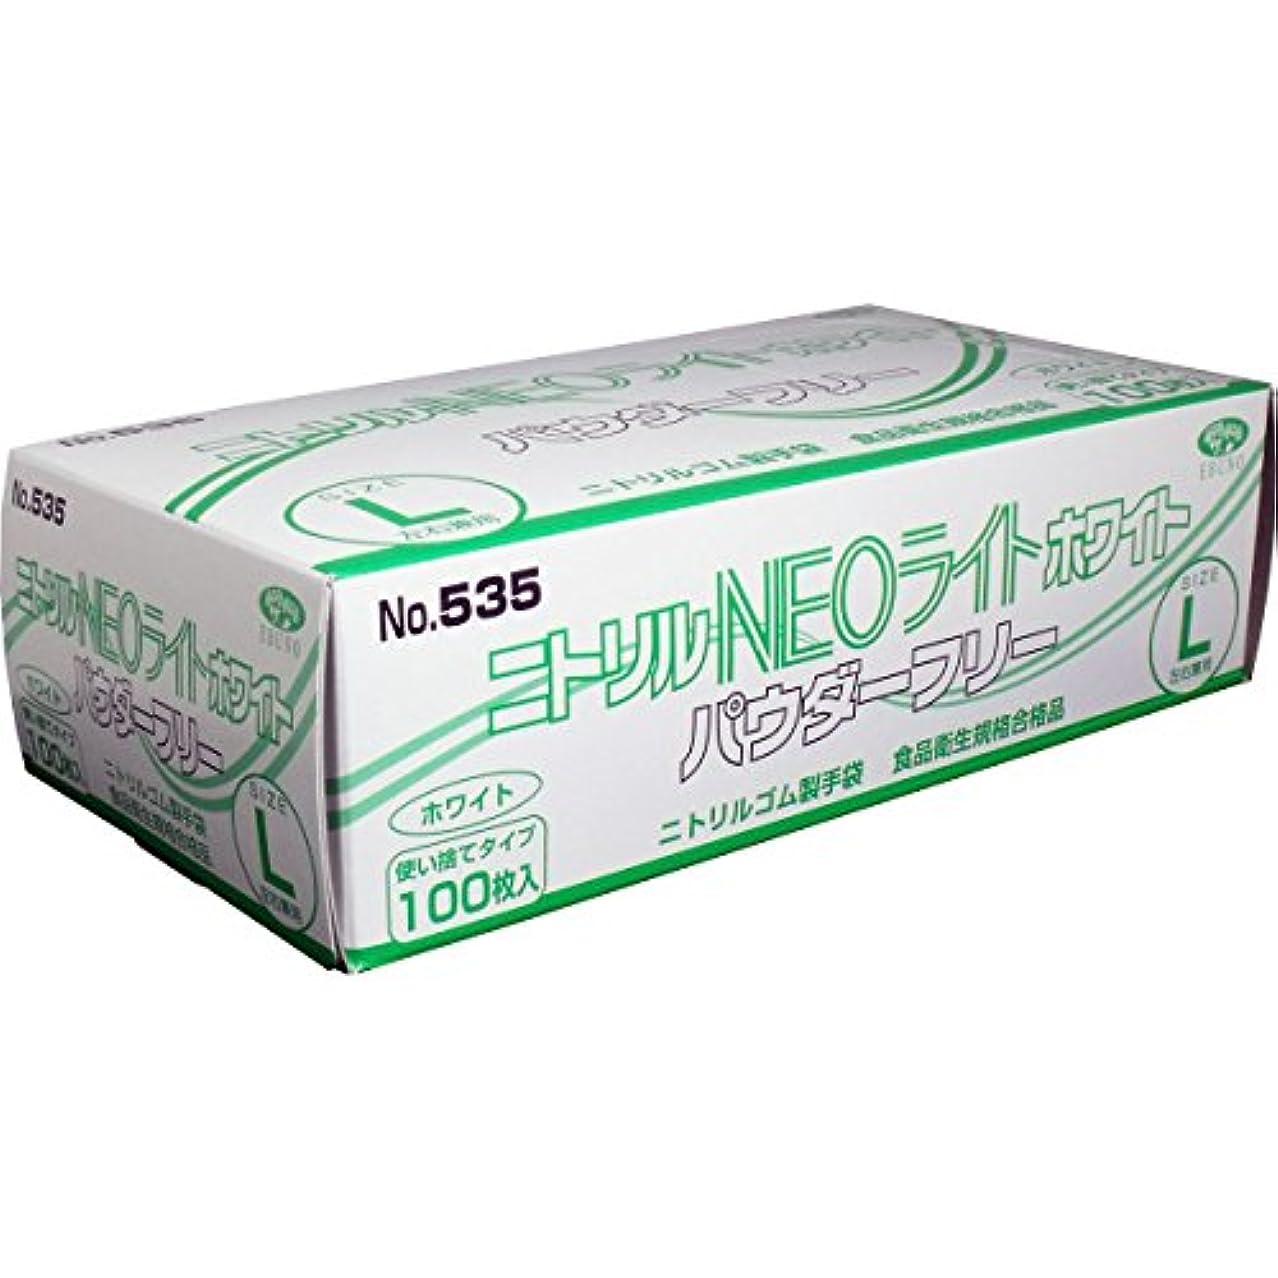 基礎報告書対処ニトリル手袋 NEOライト パウダーフリー ホワイト Lサイズ 100枚入(単品)